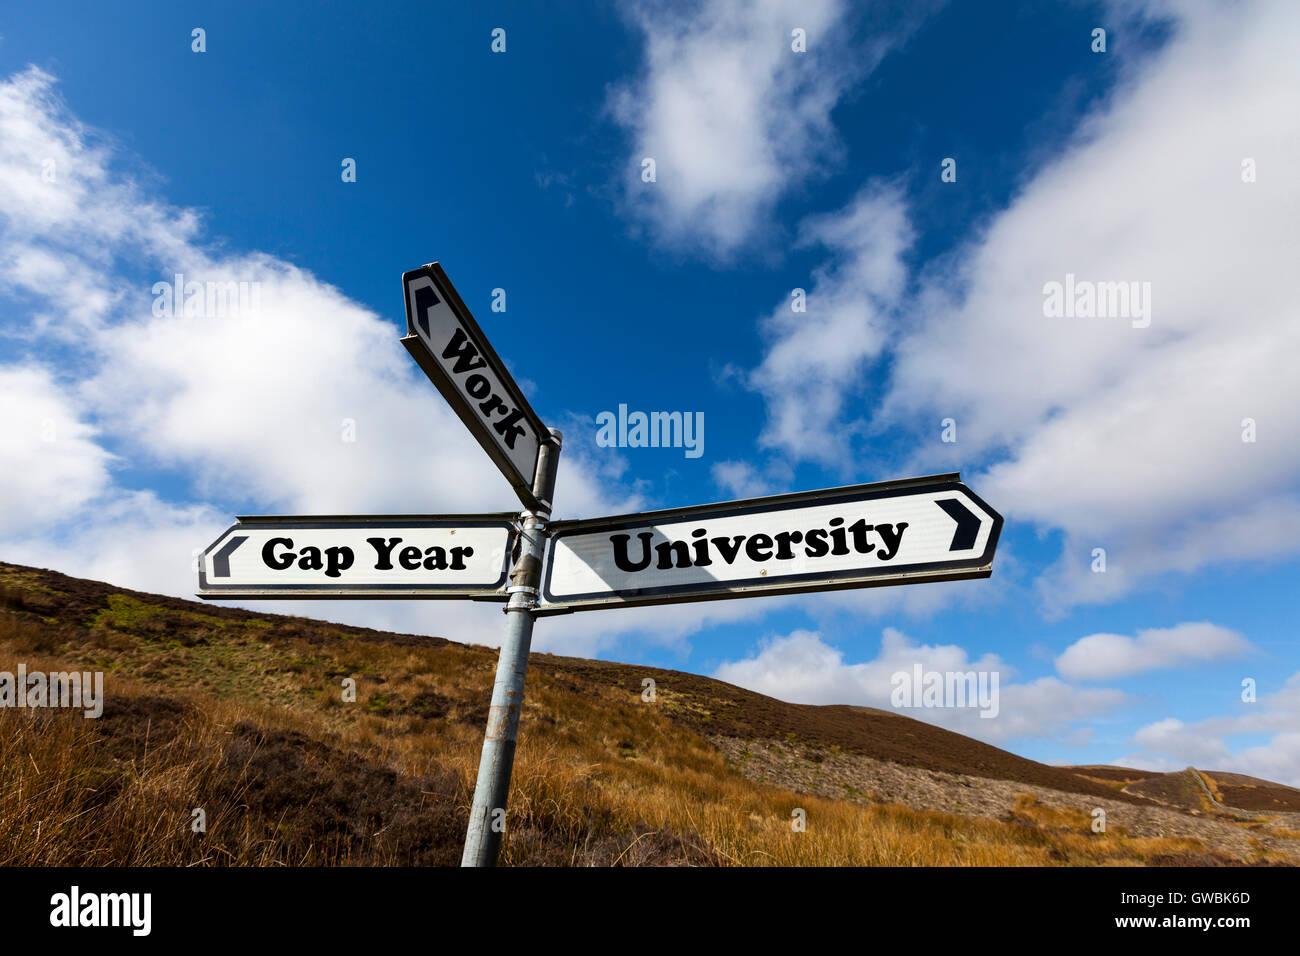 Anno Gap Università lavoro futuro scelta scegli la vita decisione decide di ulteriore istruzione direzione Immagini Stock